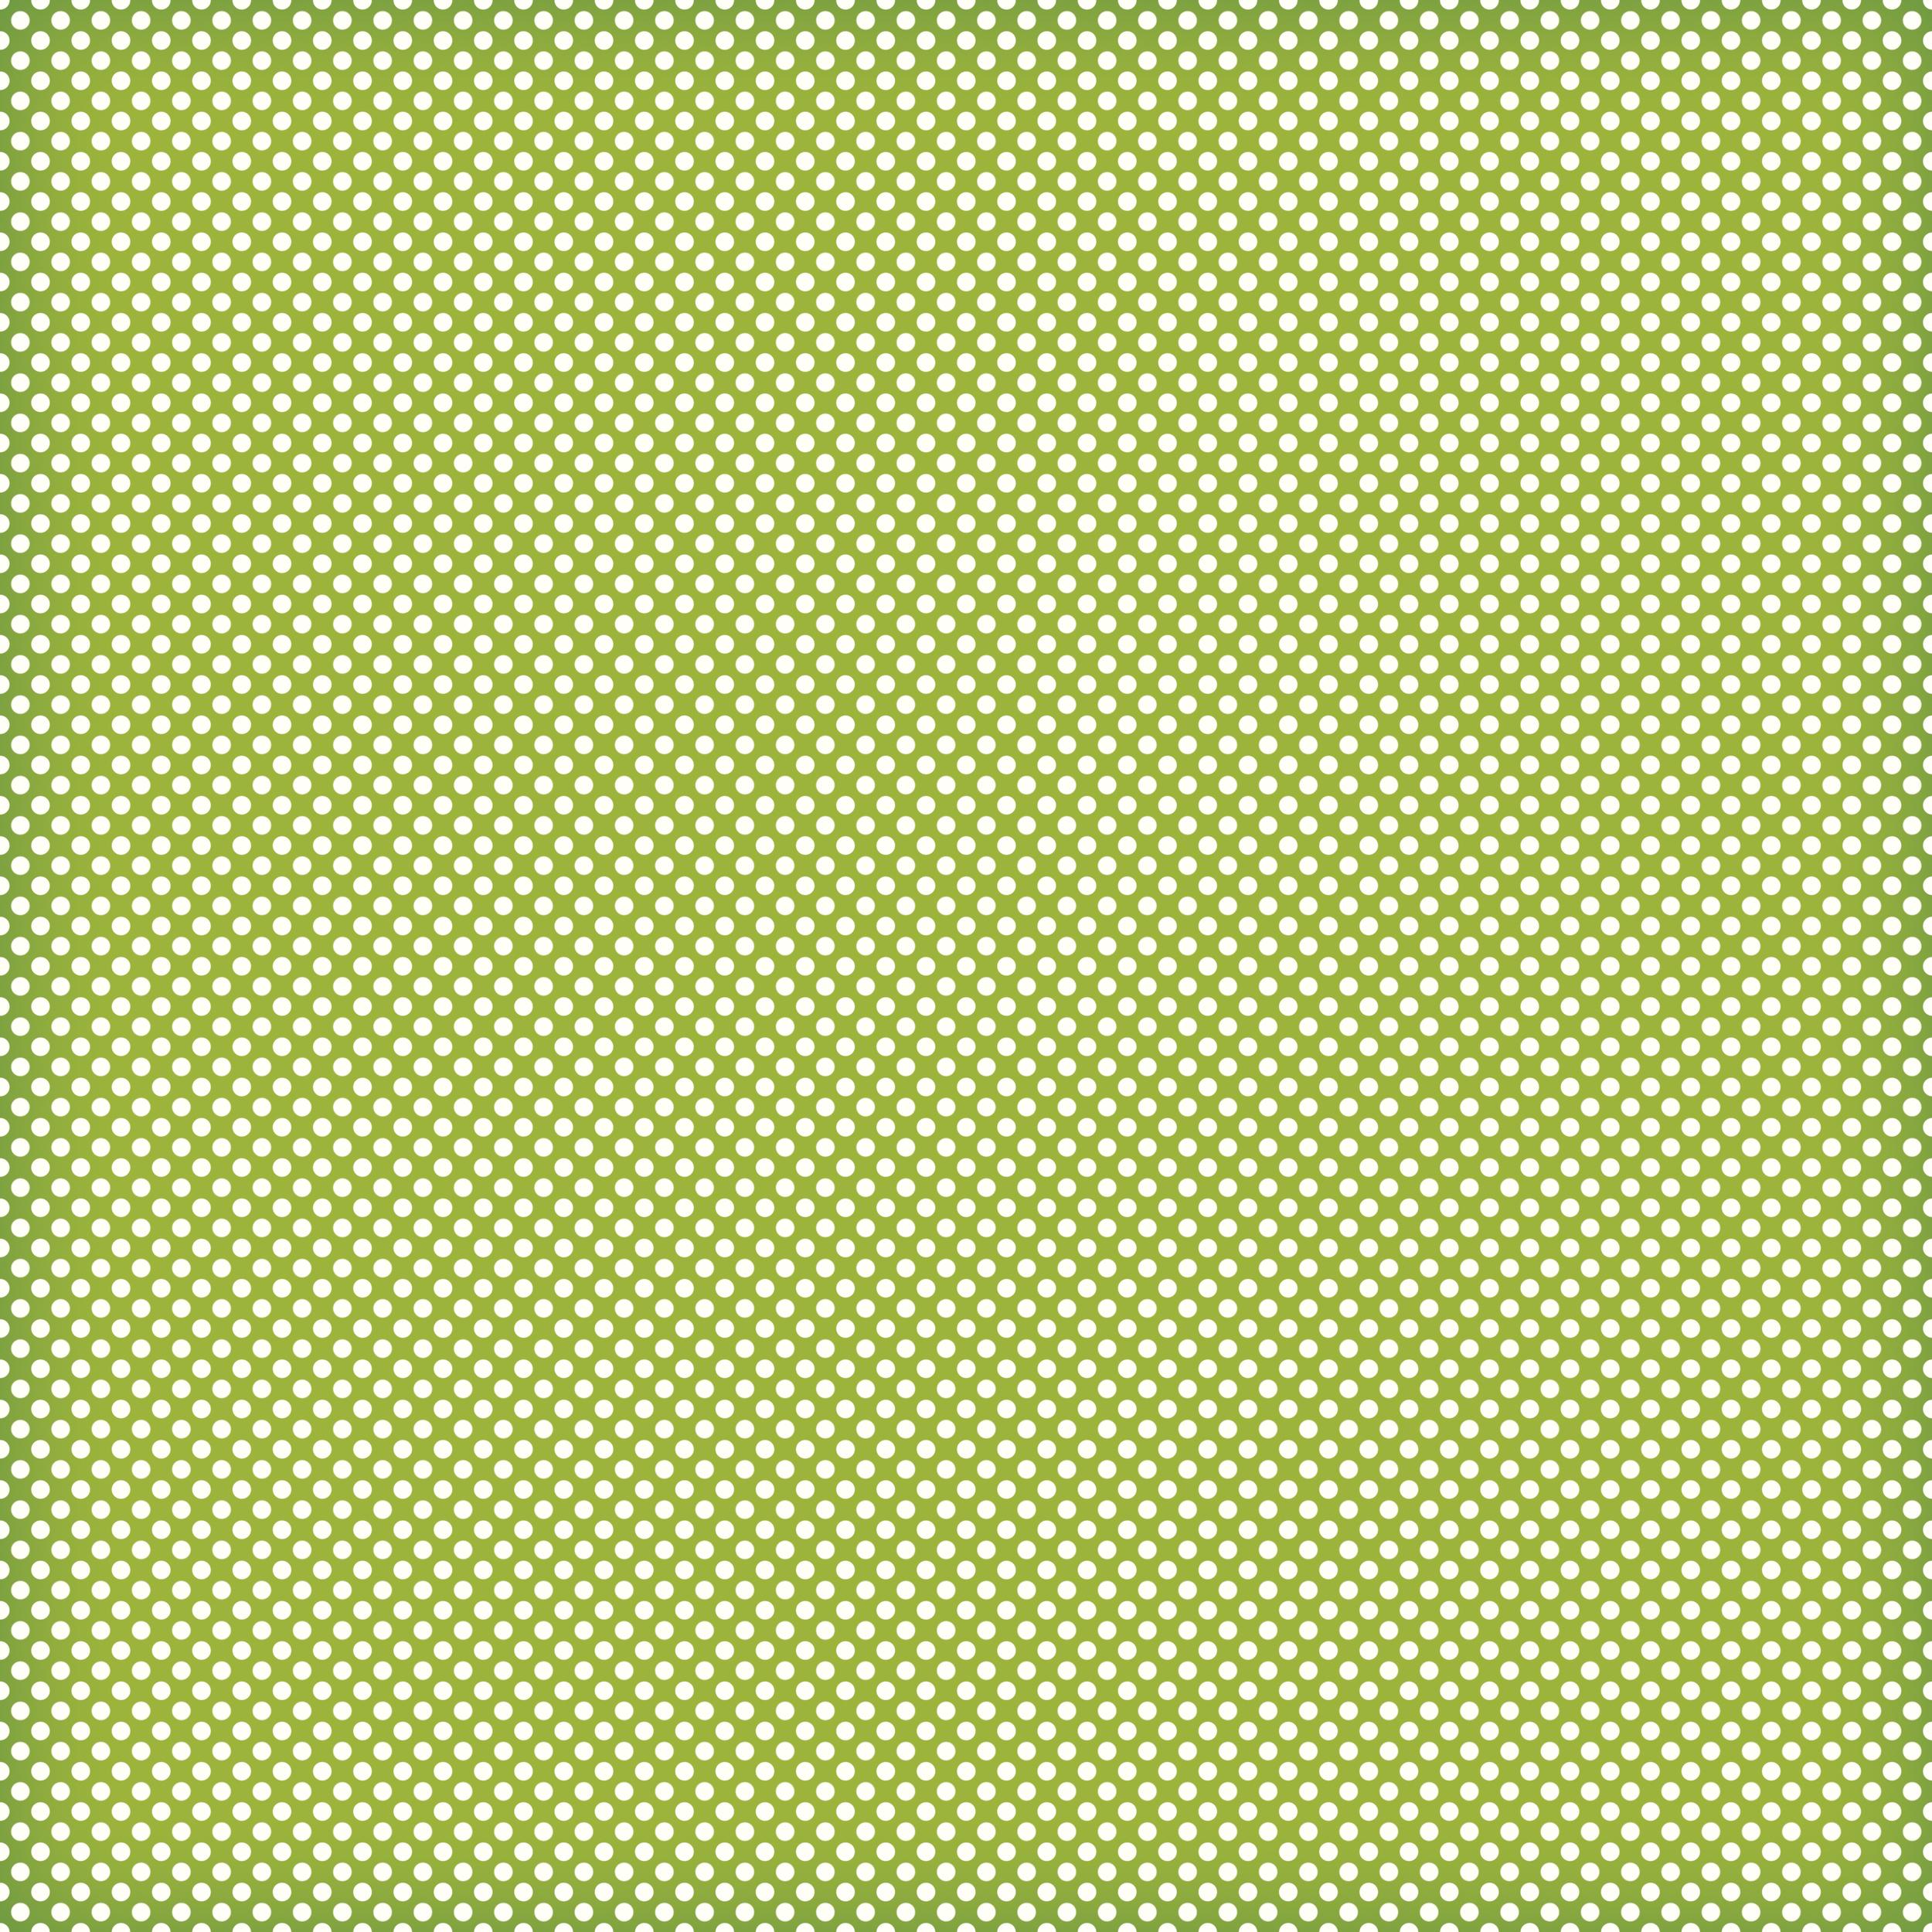 green mini polka